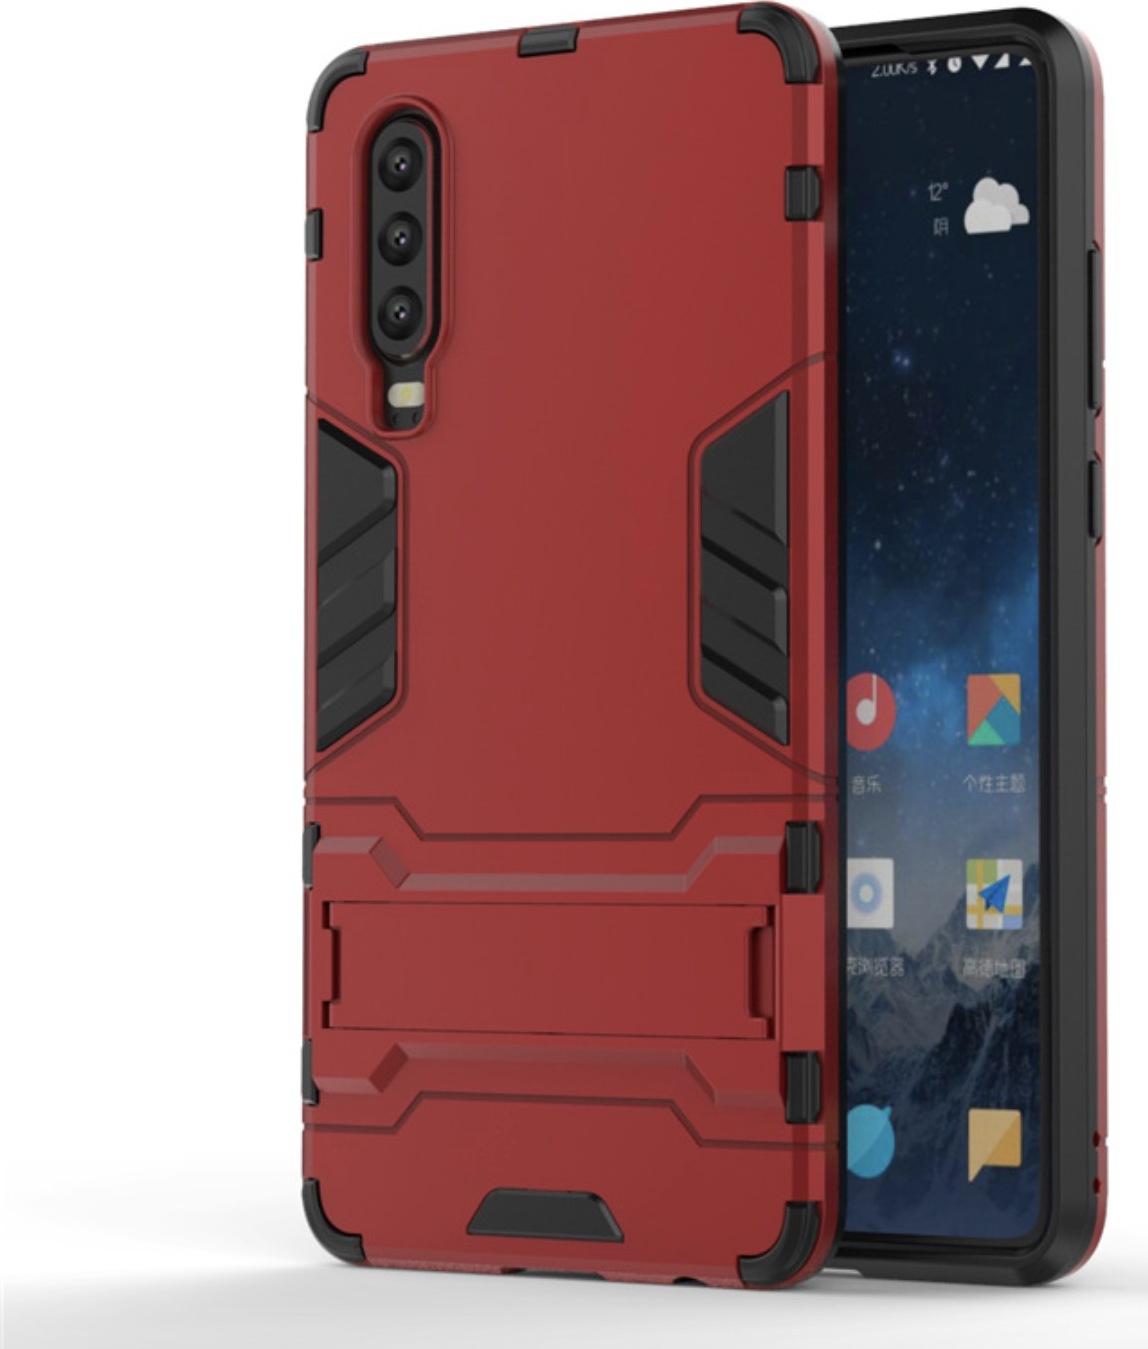 Чехол-бампер MyPads для Huawei Y5 2019/Huawei Honor 8S противоударный усиленный ударопрочный красный